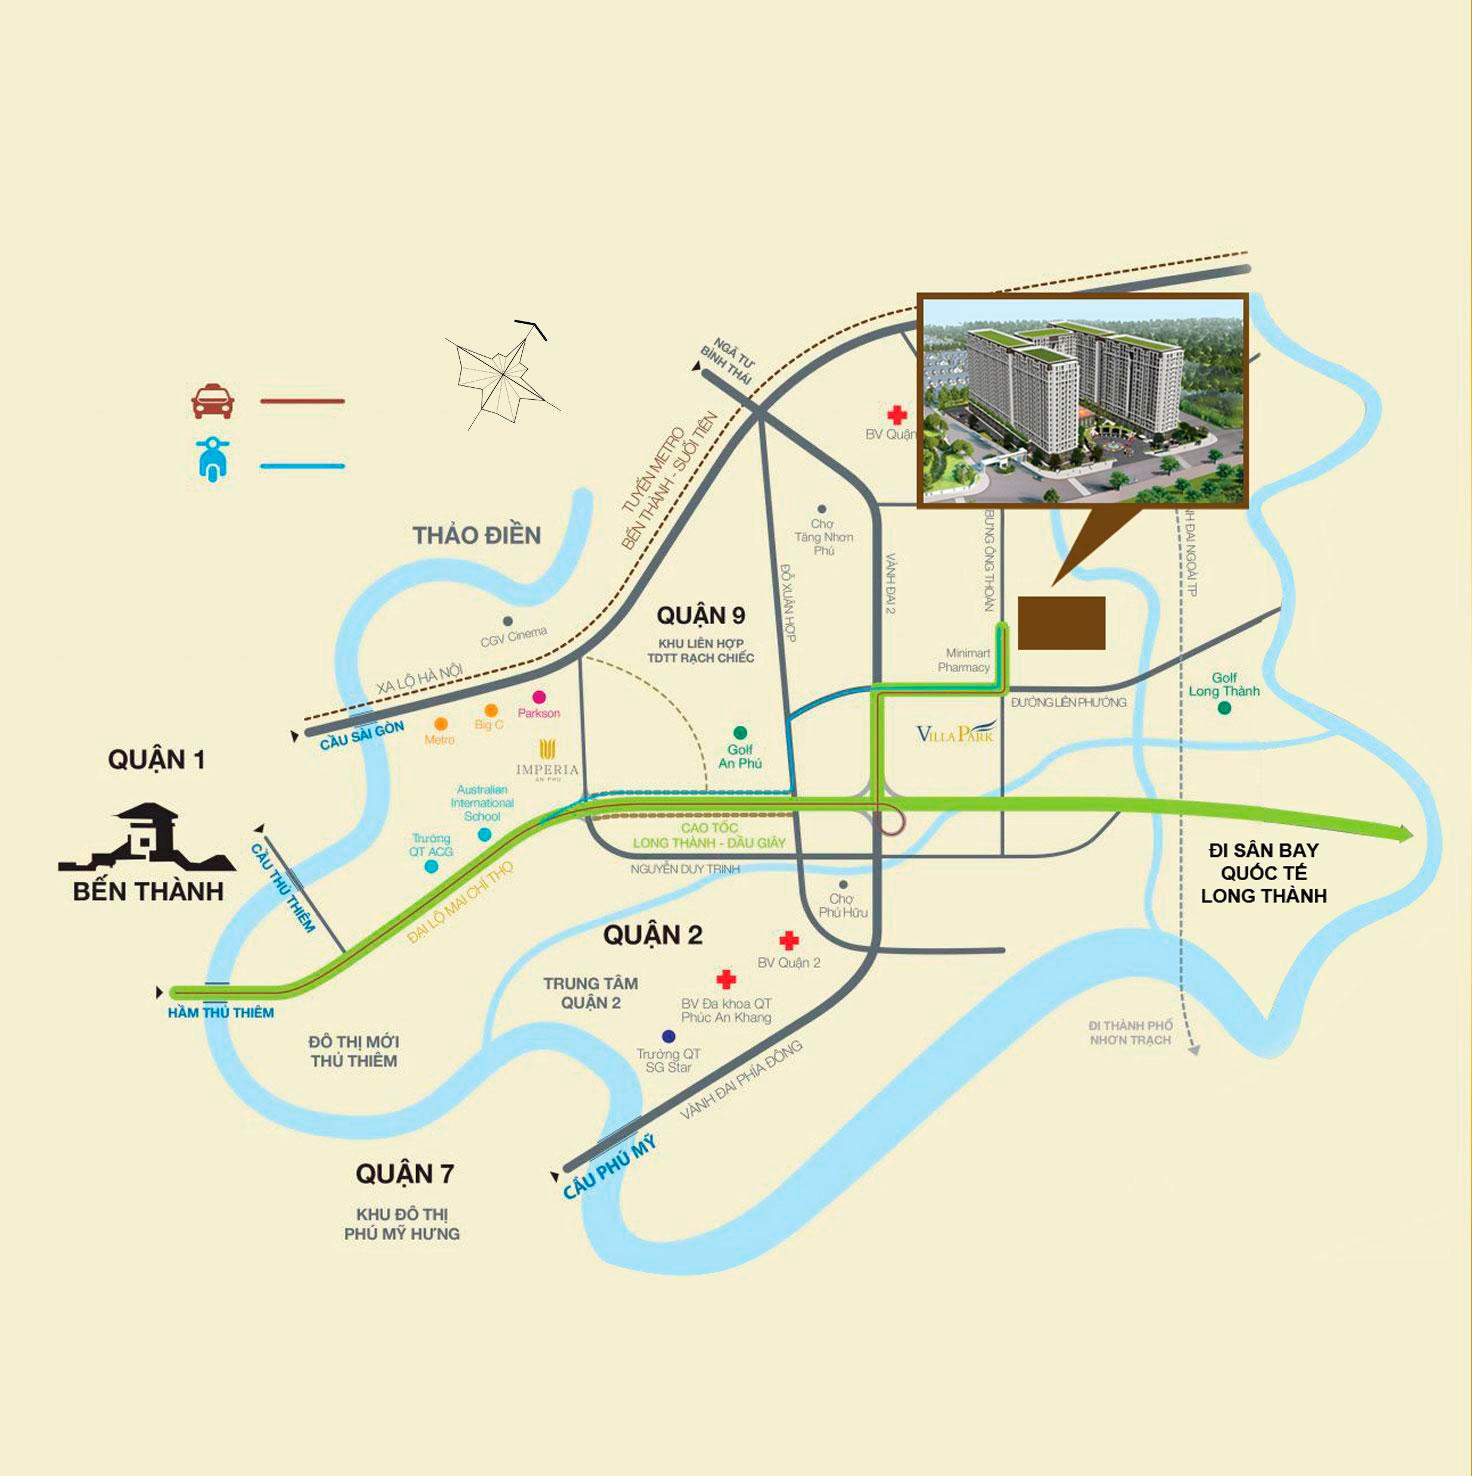 VỊ TRÍ Dự án căn hộ River Park Tower